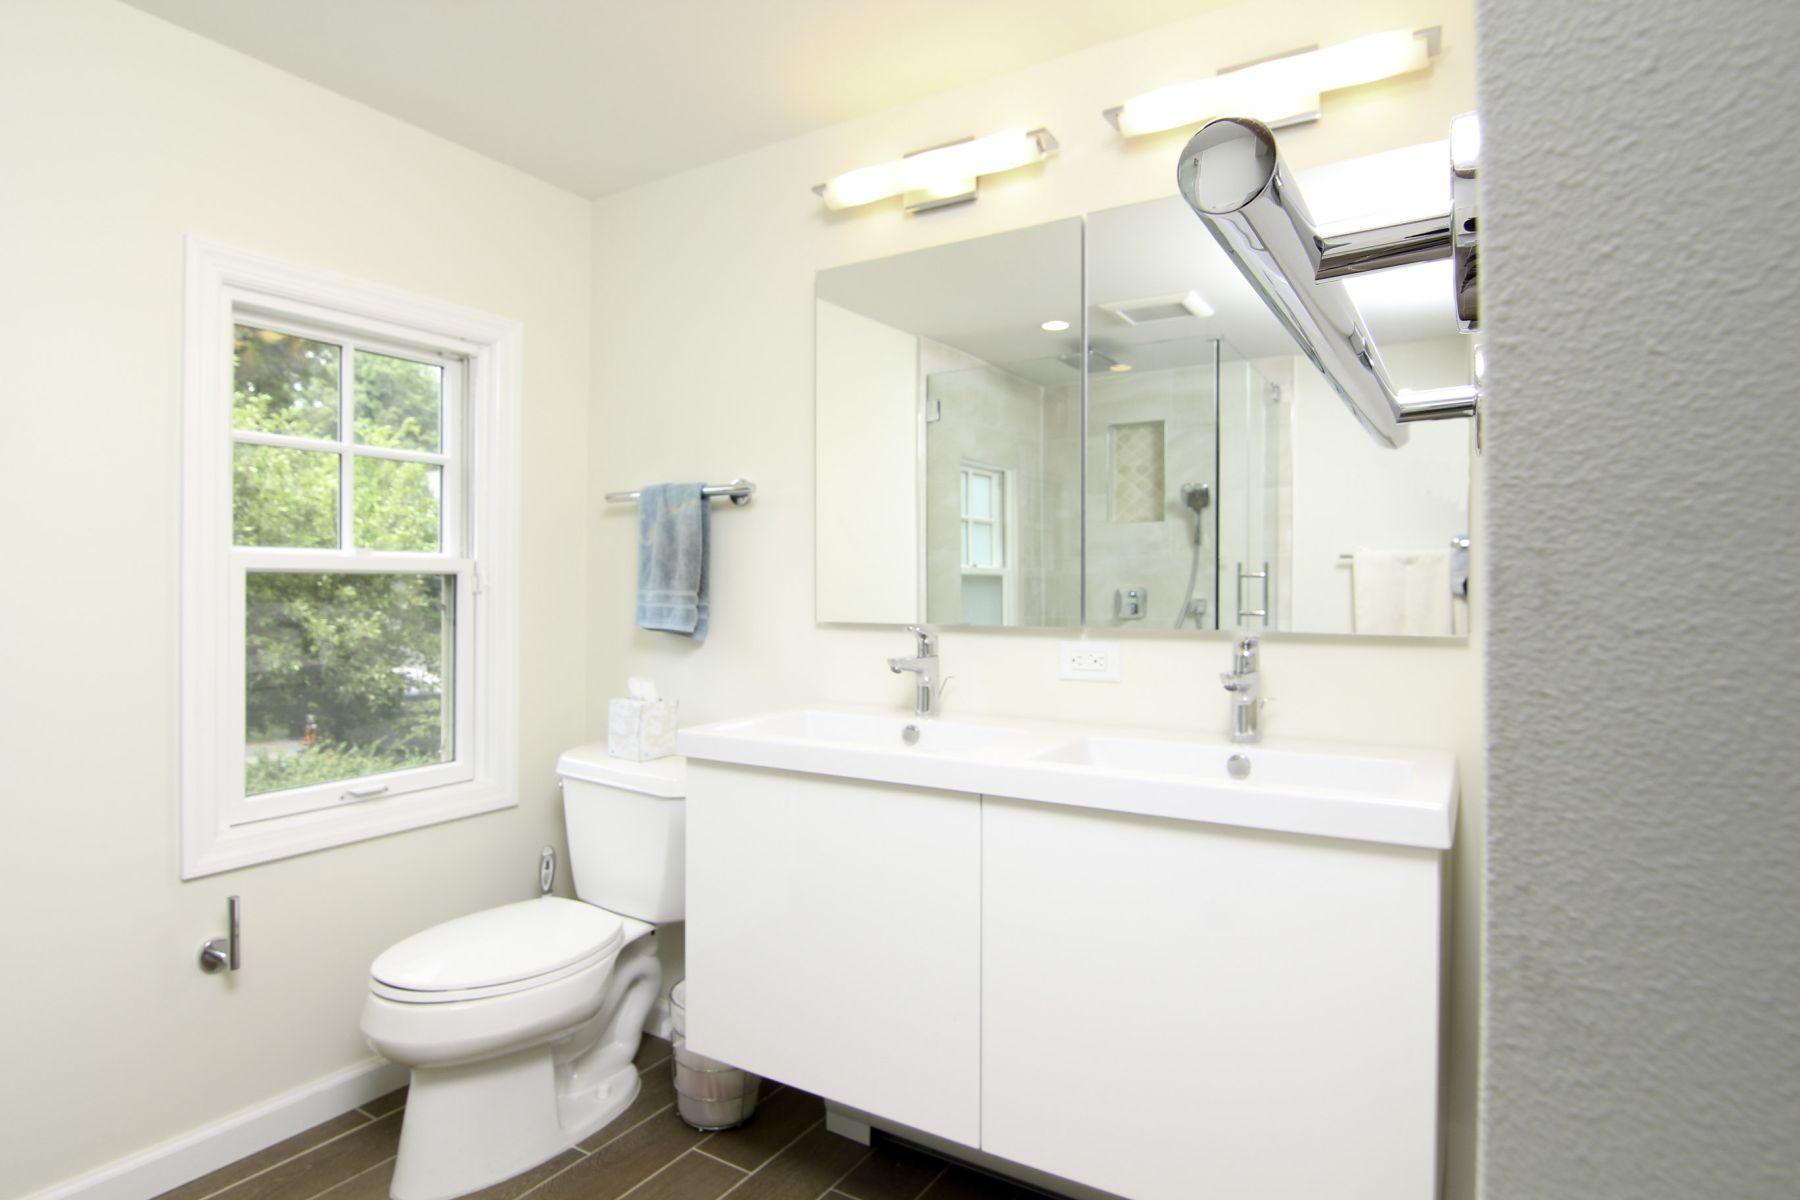 Bathroom remodeling nj showroom design build for Bath remodel nj